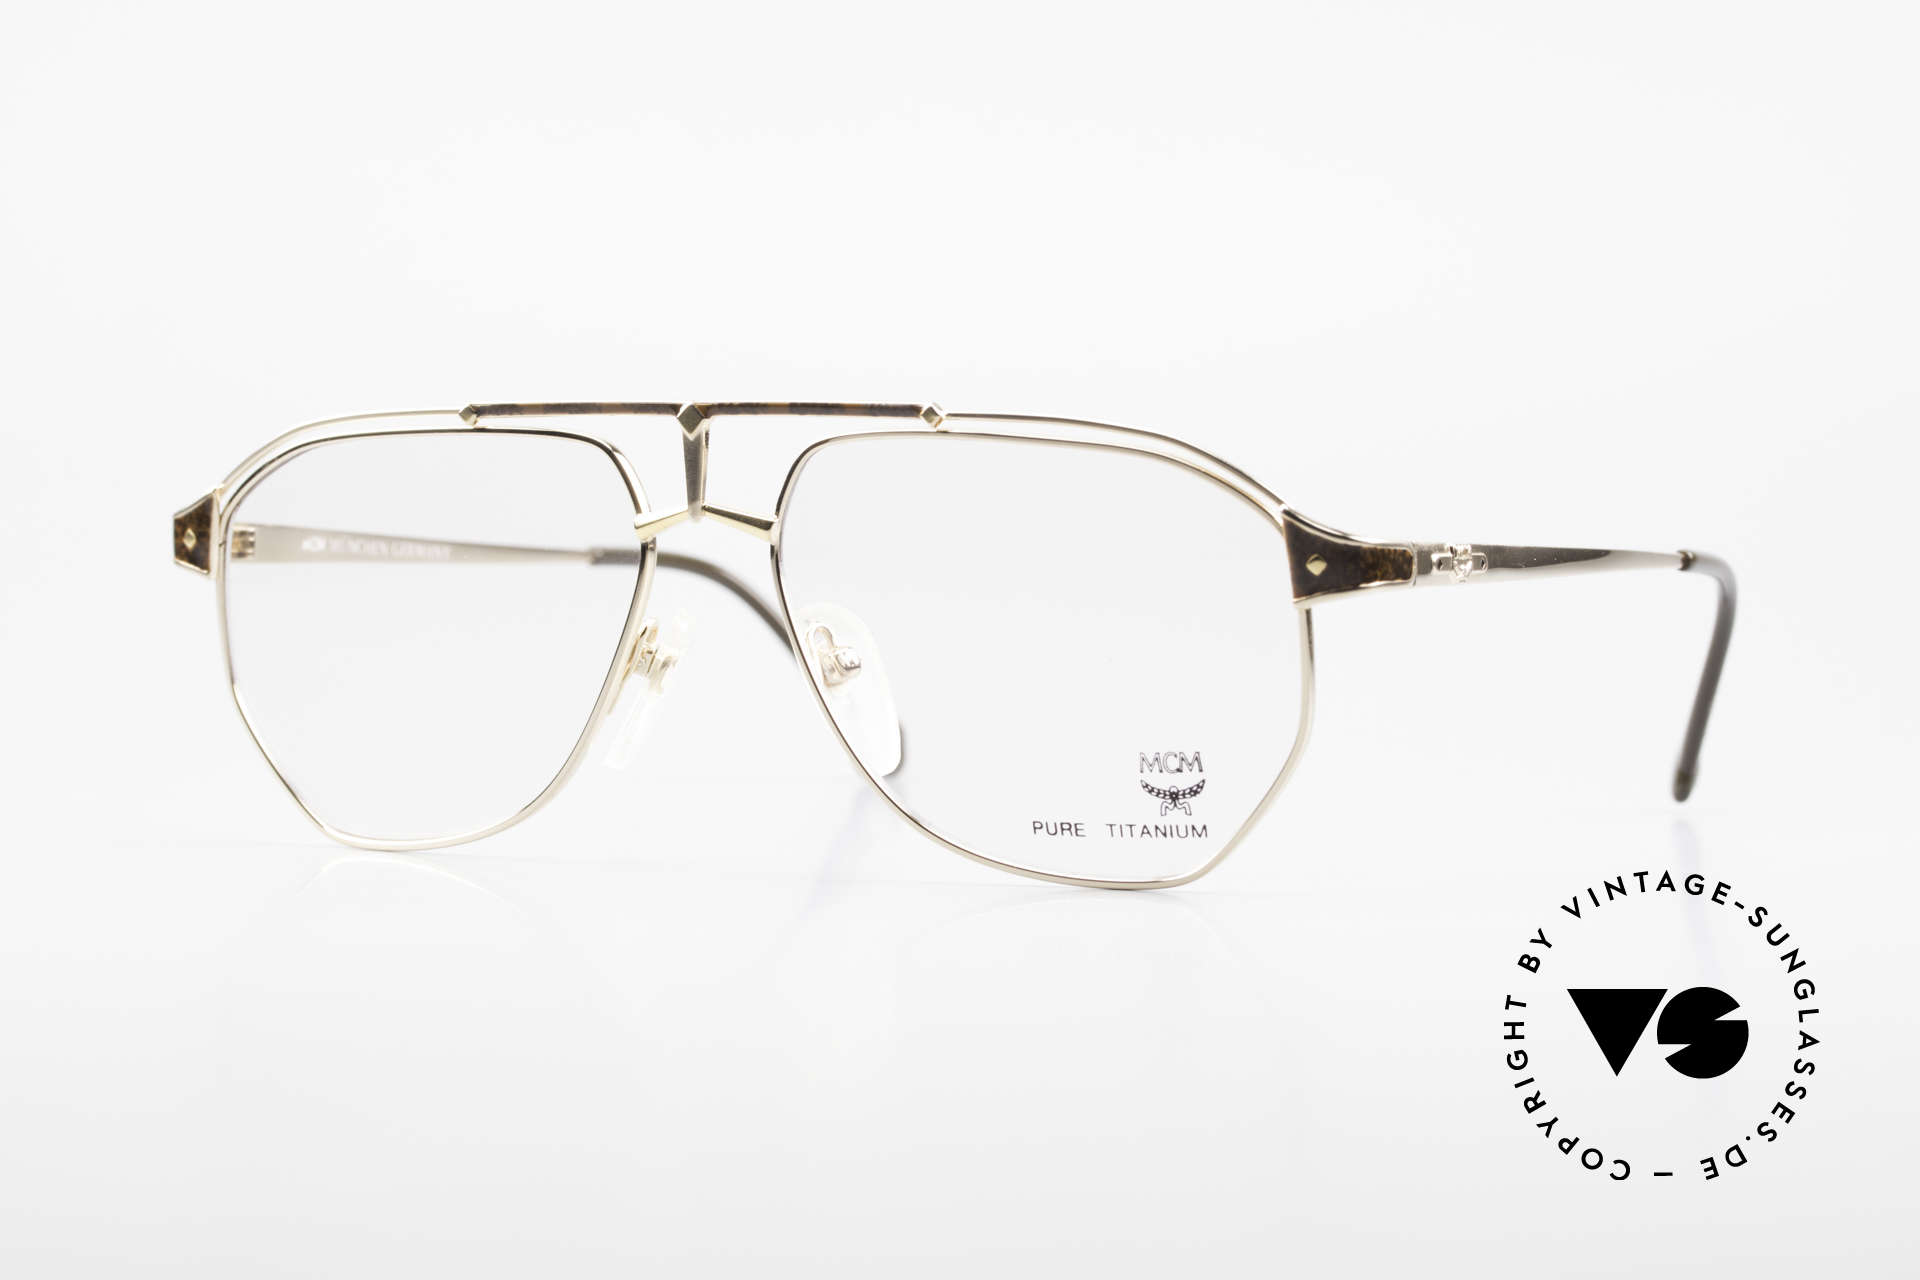 MCM München 6 XL Luxus Vintage Brille 90er, extra große MCM Designer-Brille aus den 90ern, Passend für Herren